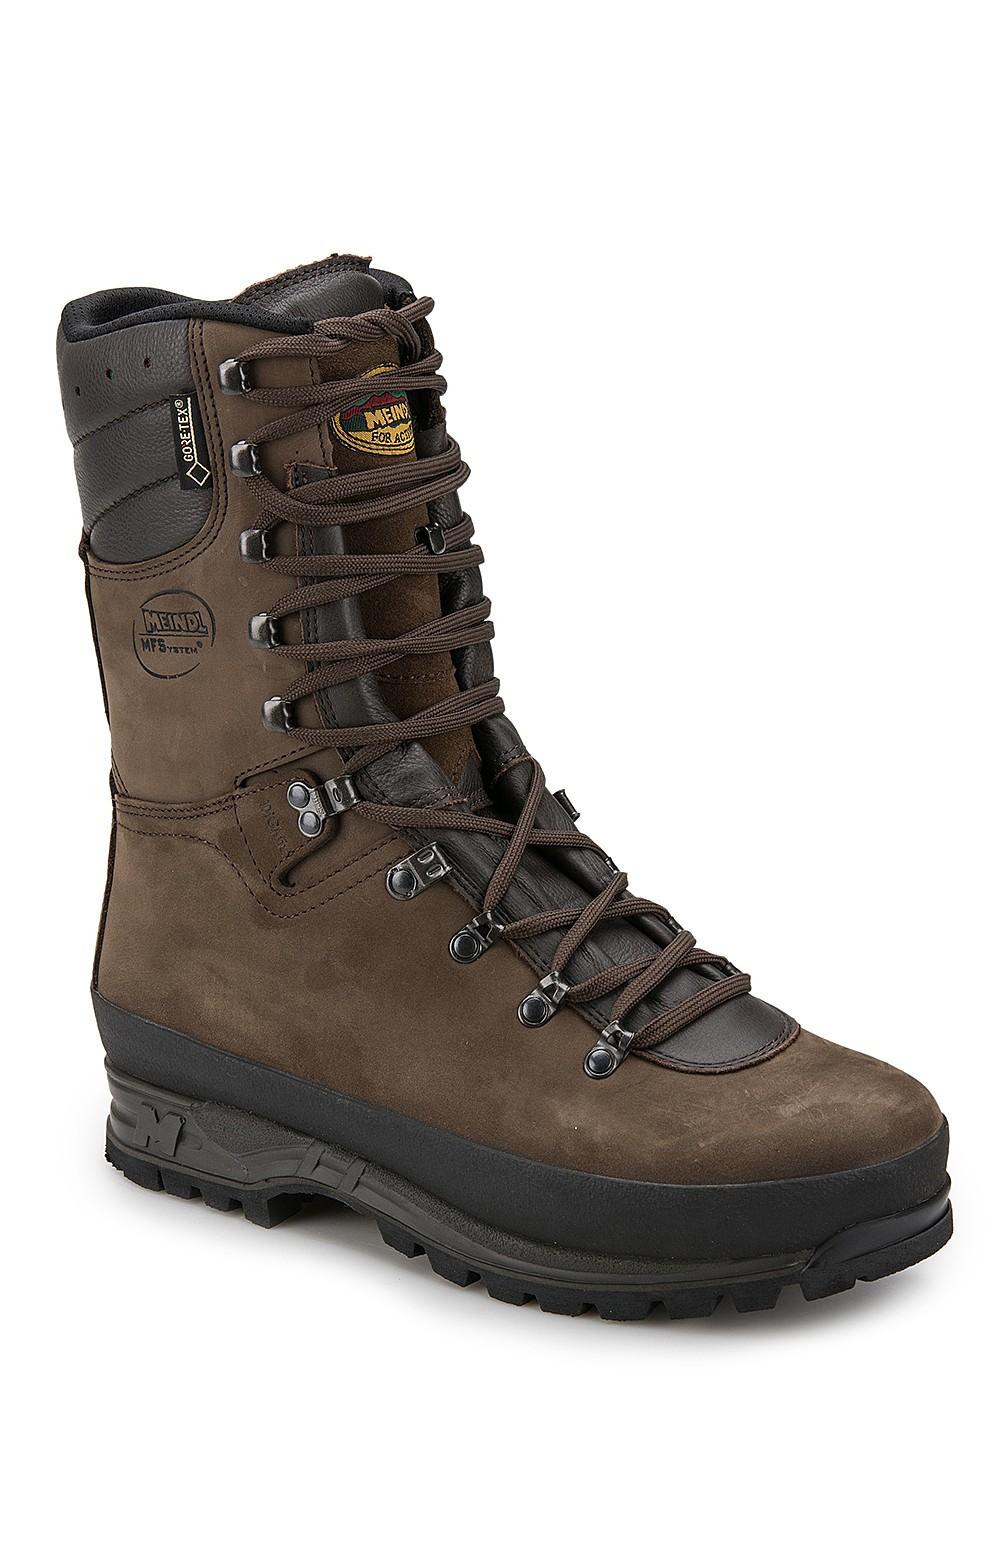 95b536fdcae Meindl Mens Taiga GTX High Boot